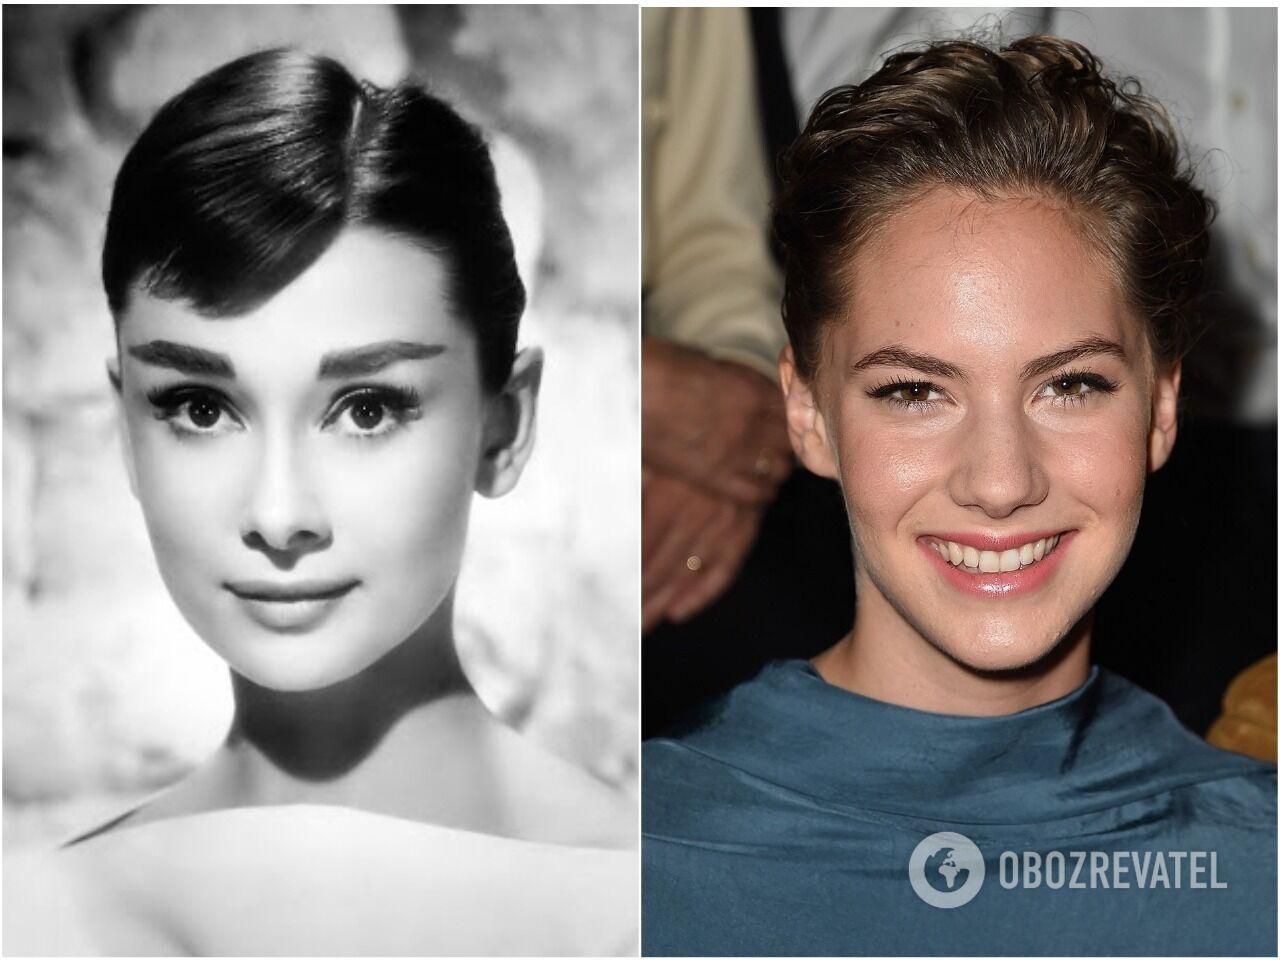 27-річна Емма Феррер – внучка Одрі Хепберн